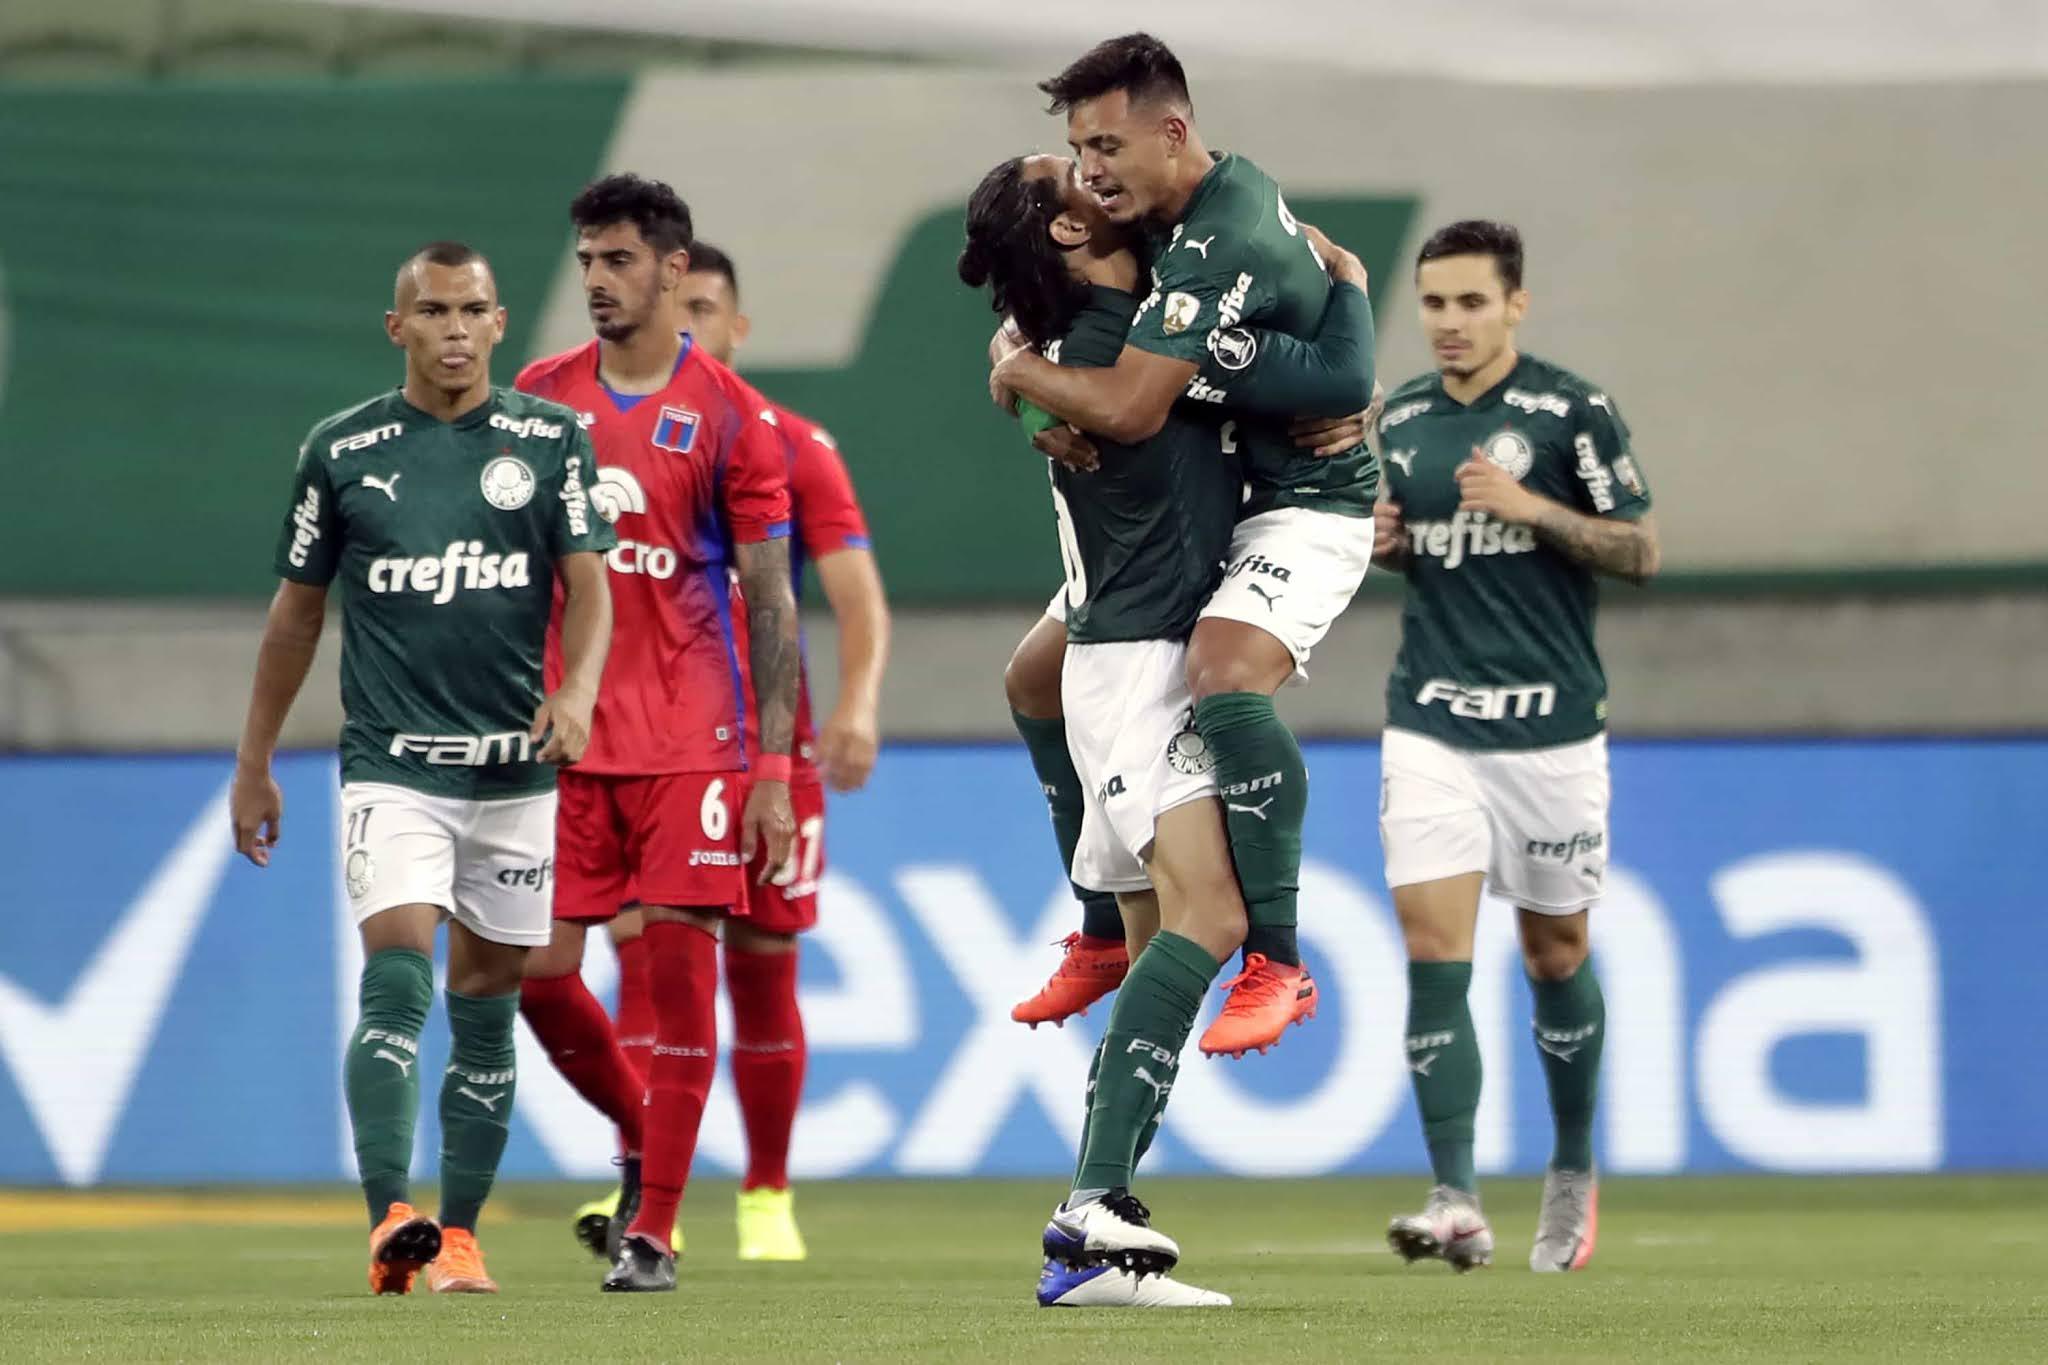 Tigre Palmeiras copa libertadores